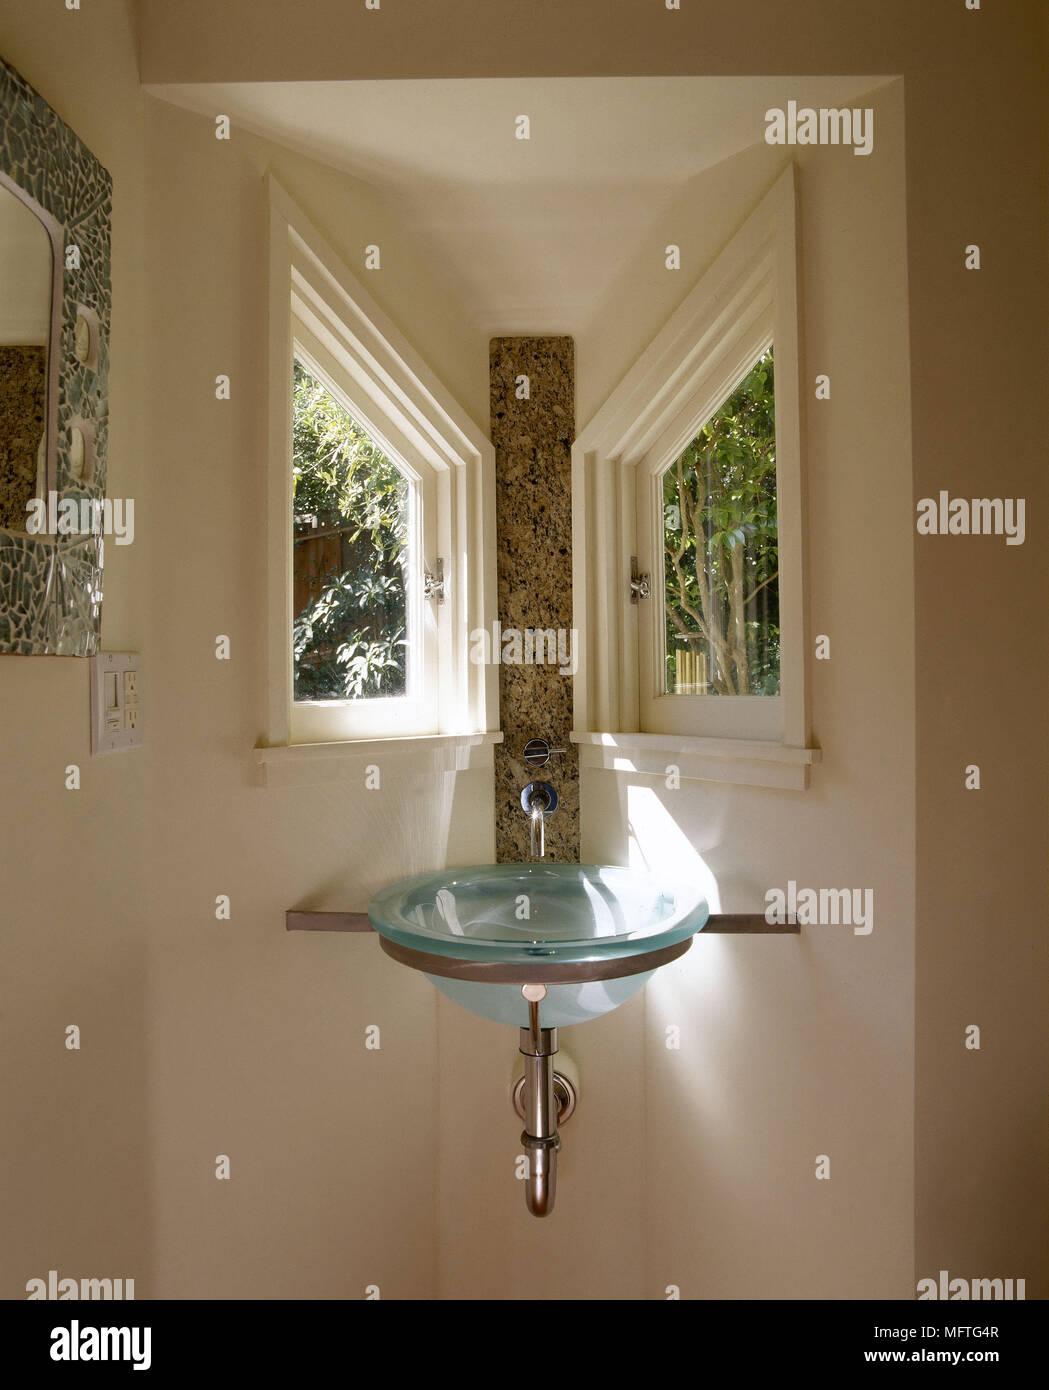 Specchio Per Lavandino Angolare bagno moderno dettaglio lavandino in vetro impostato nell